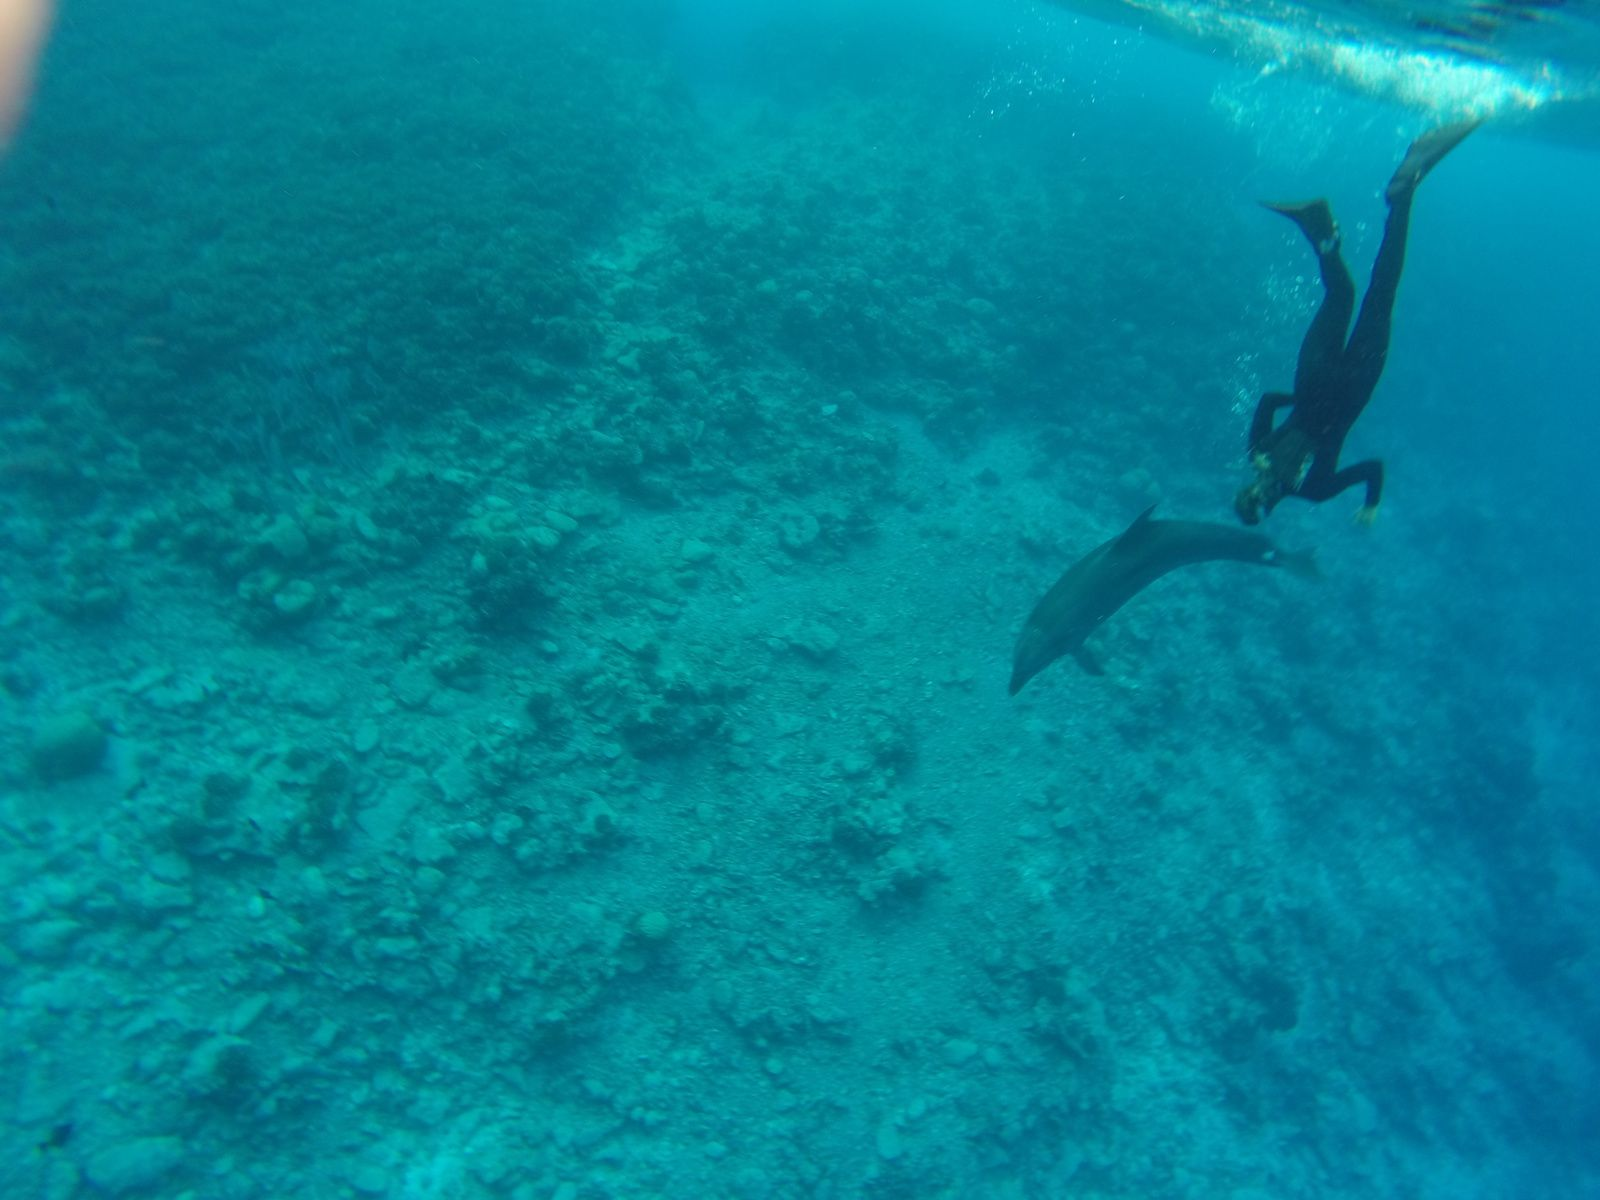 Rencontre avec les dauphins belgique